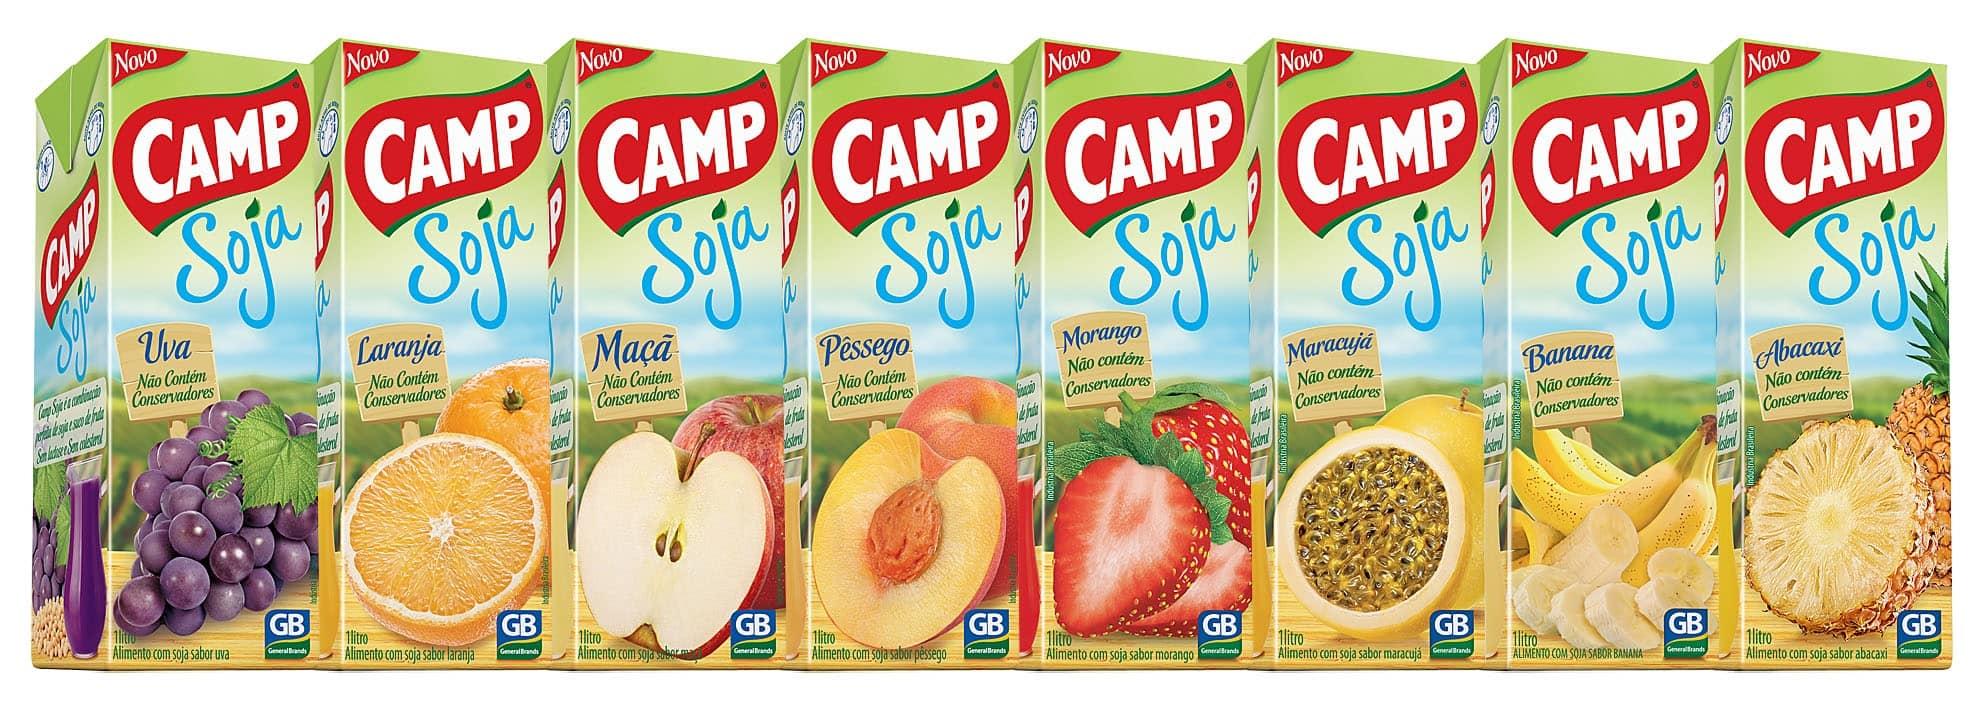 General-Brands-Camp-Soja-1-litro